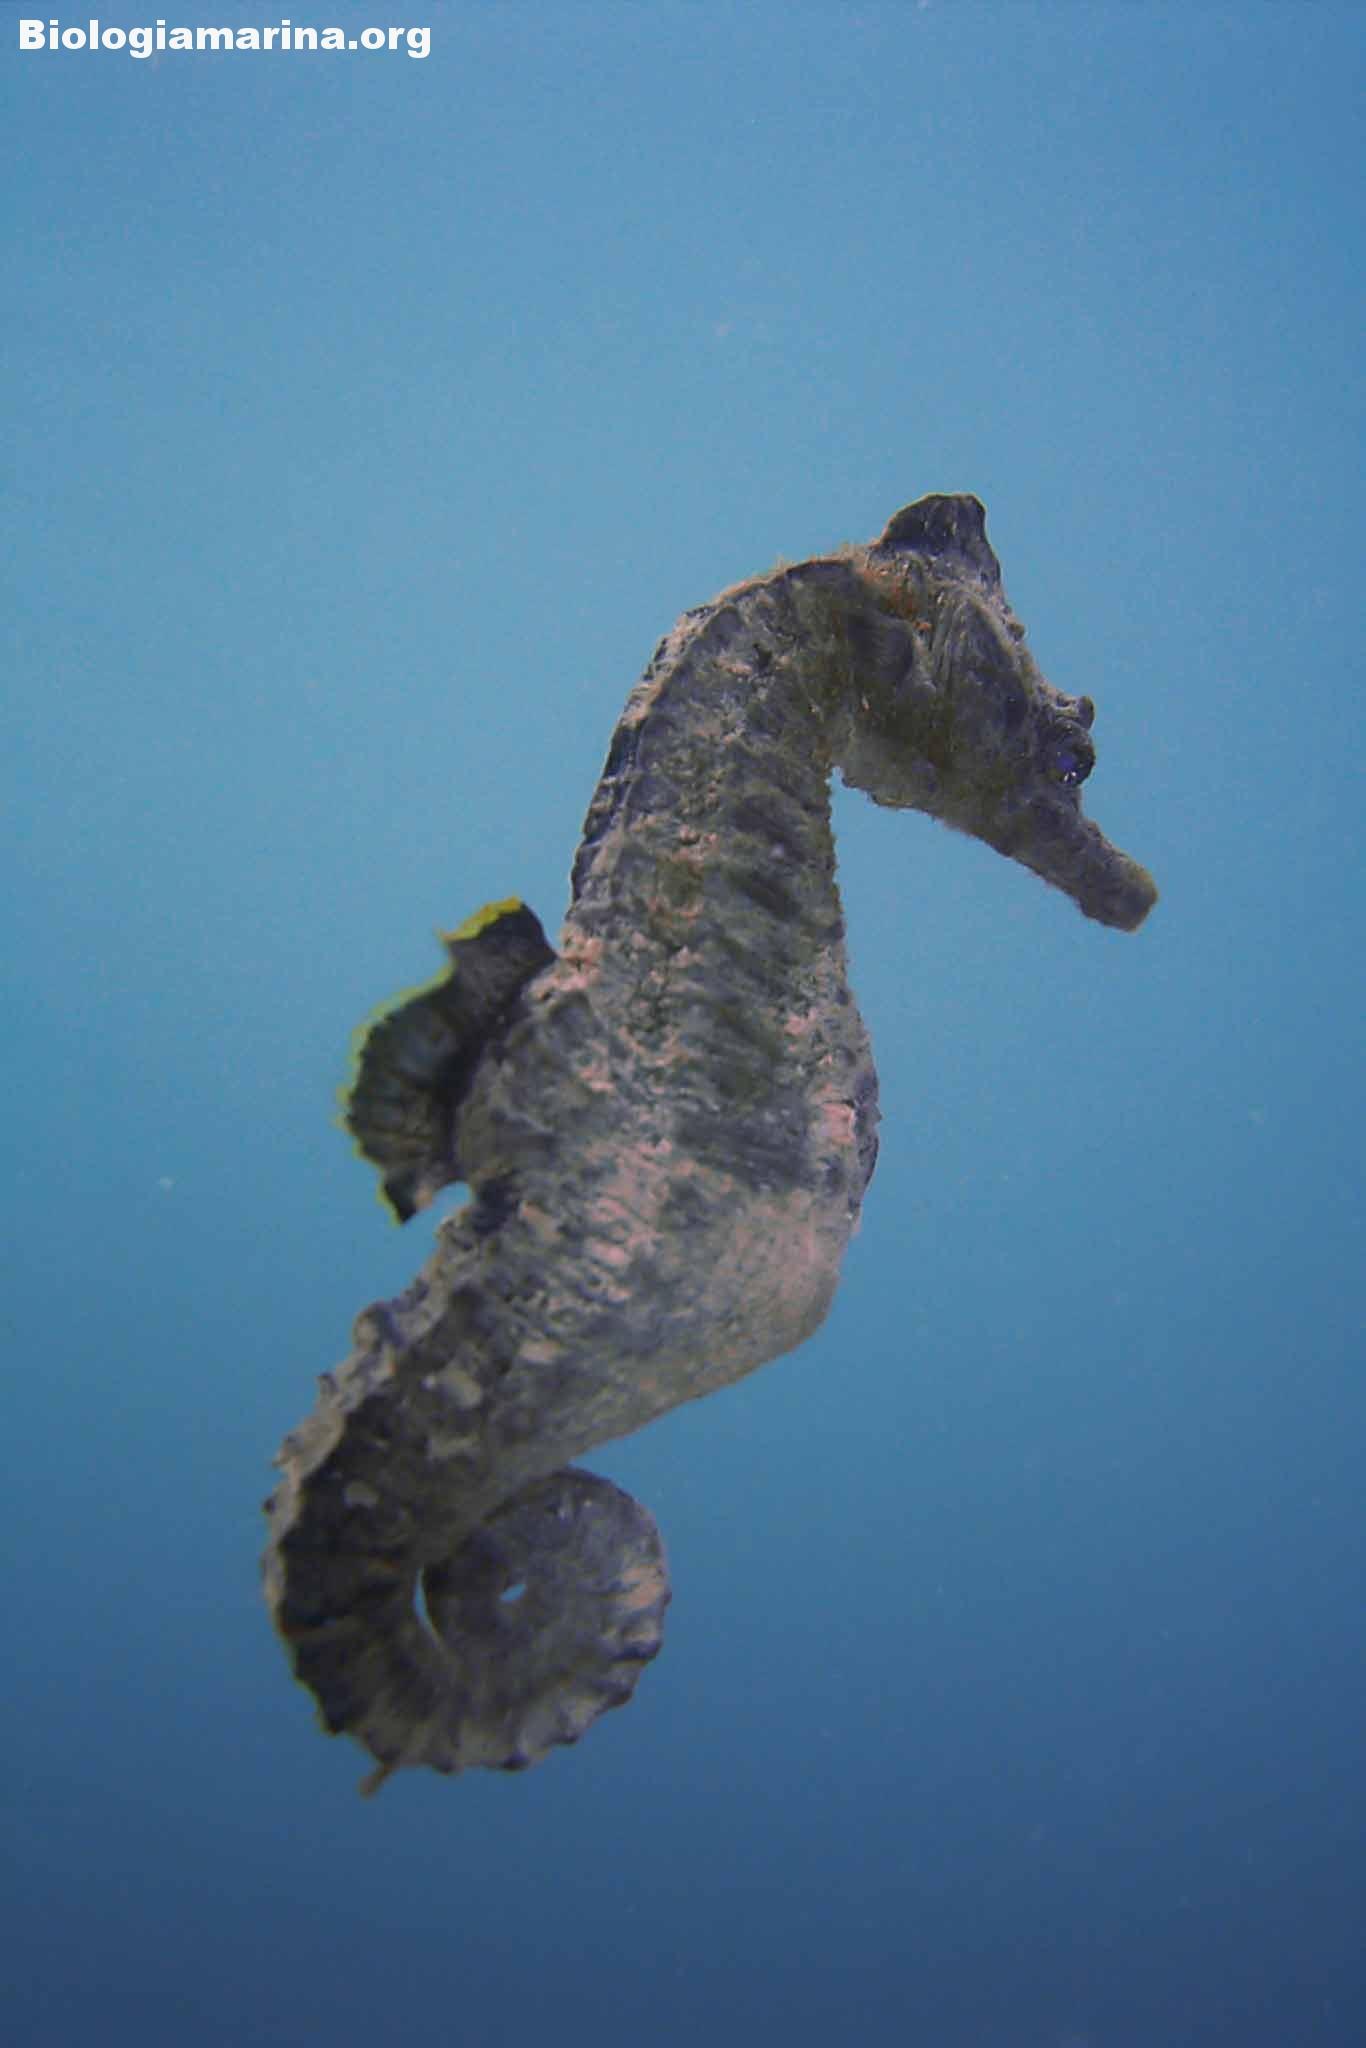 Cavalluccio marino camuso biologia marina del mediterraneo for Immagini di cavalluccio marino